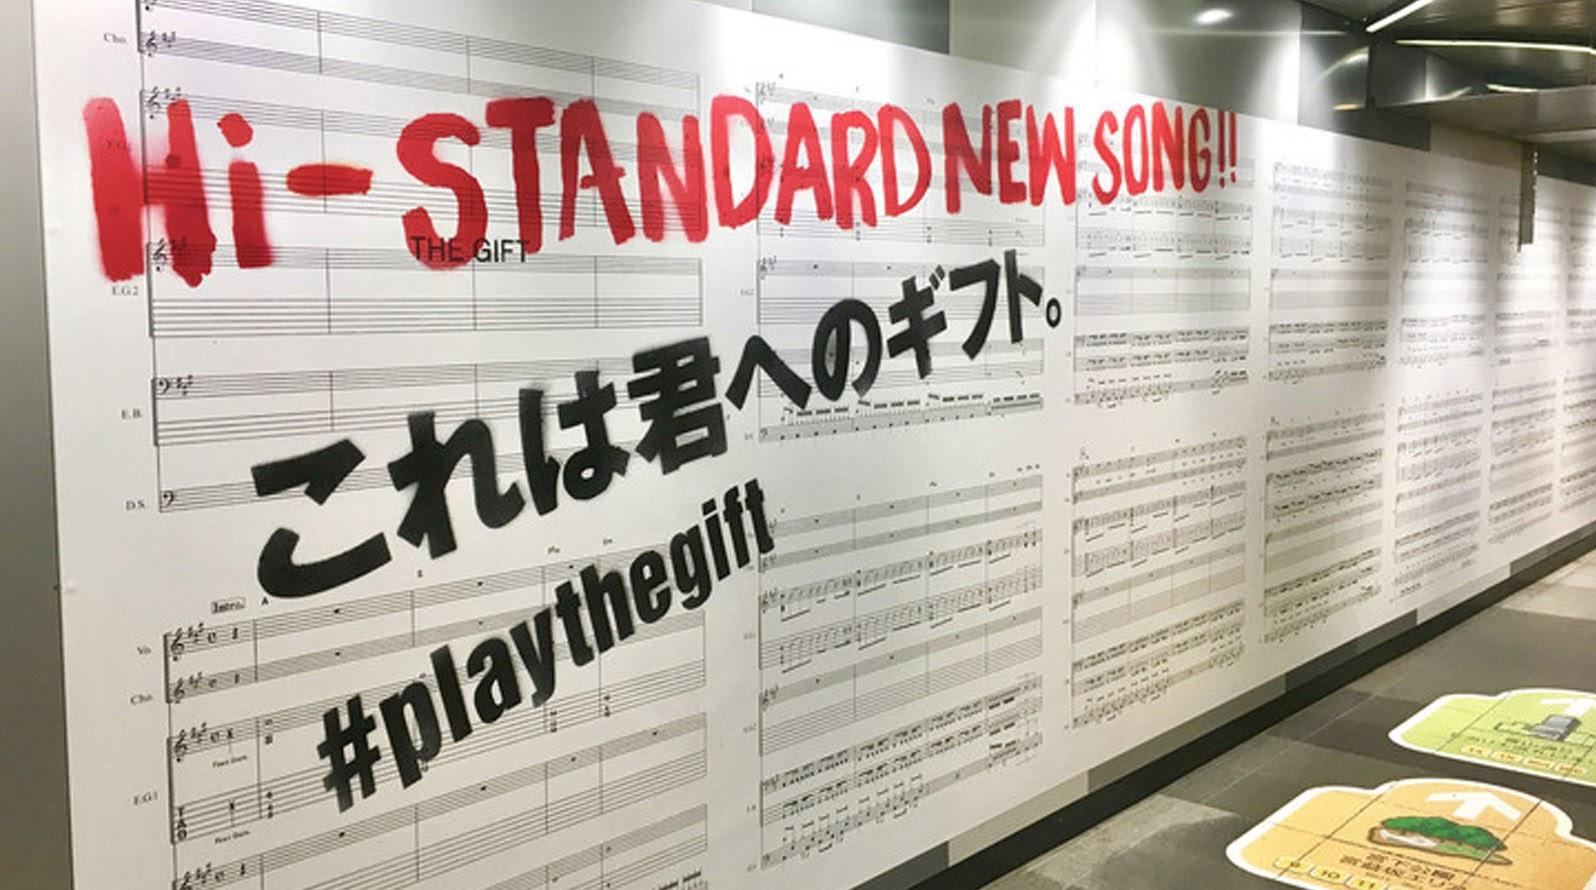 東京涉谷車站和大阪梅田車站出現Hi-STANDARD超大型樂譜?!